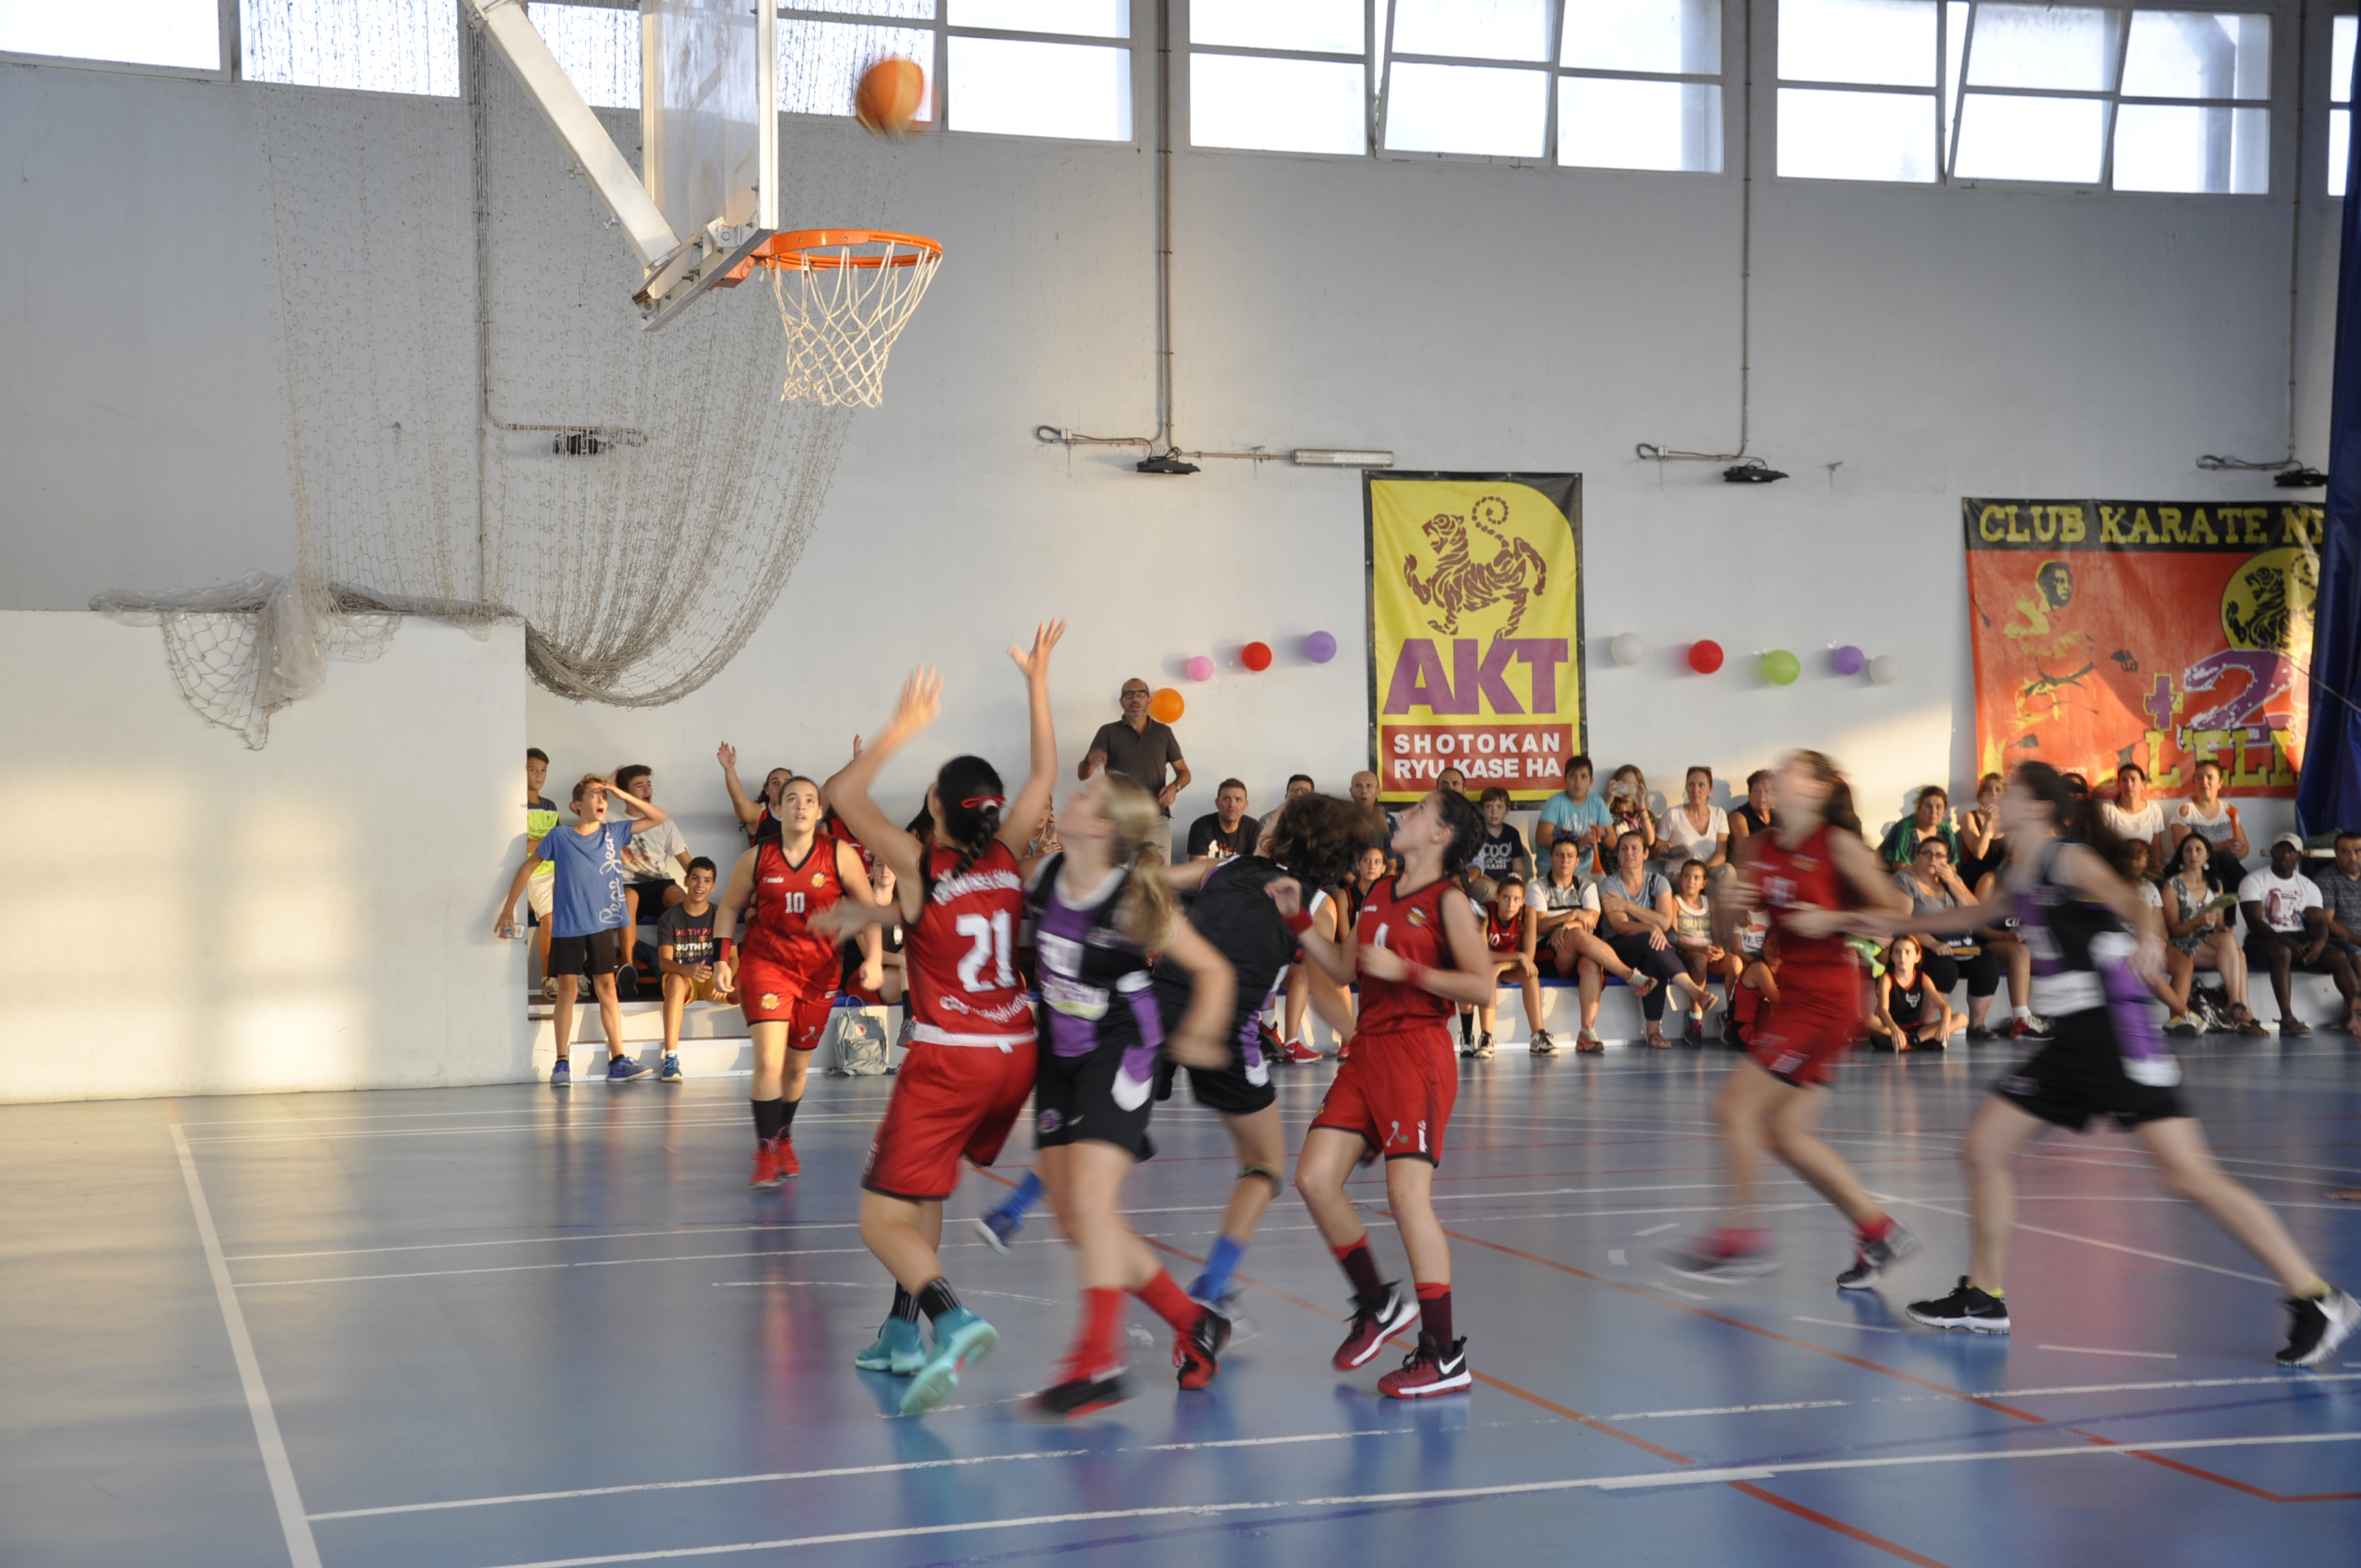 El equipo femenino infantil de baloncesto ha logrado un importante éxito deportivo: el ascenso autonómico.